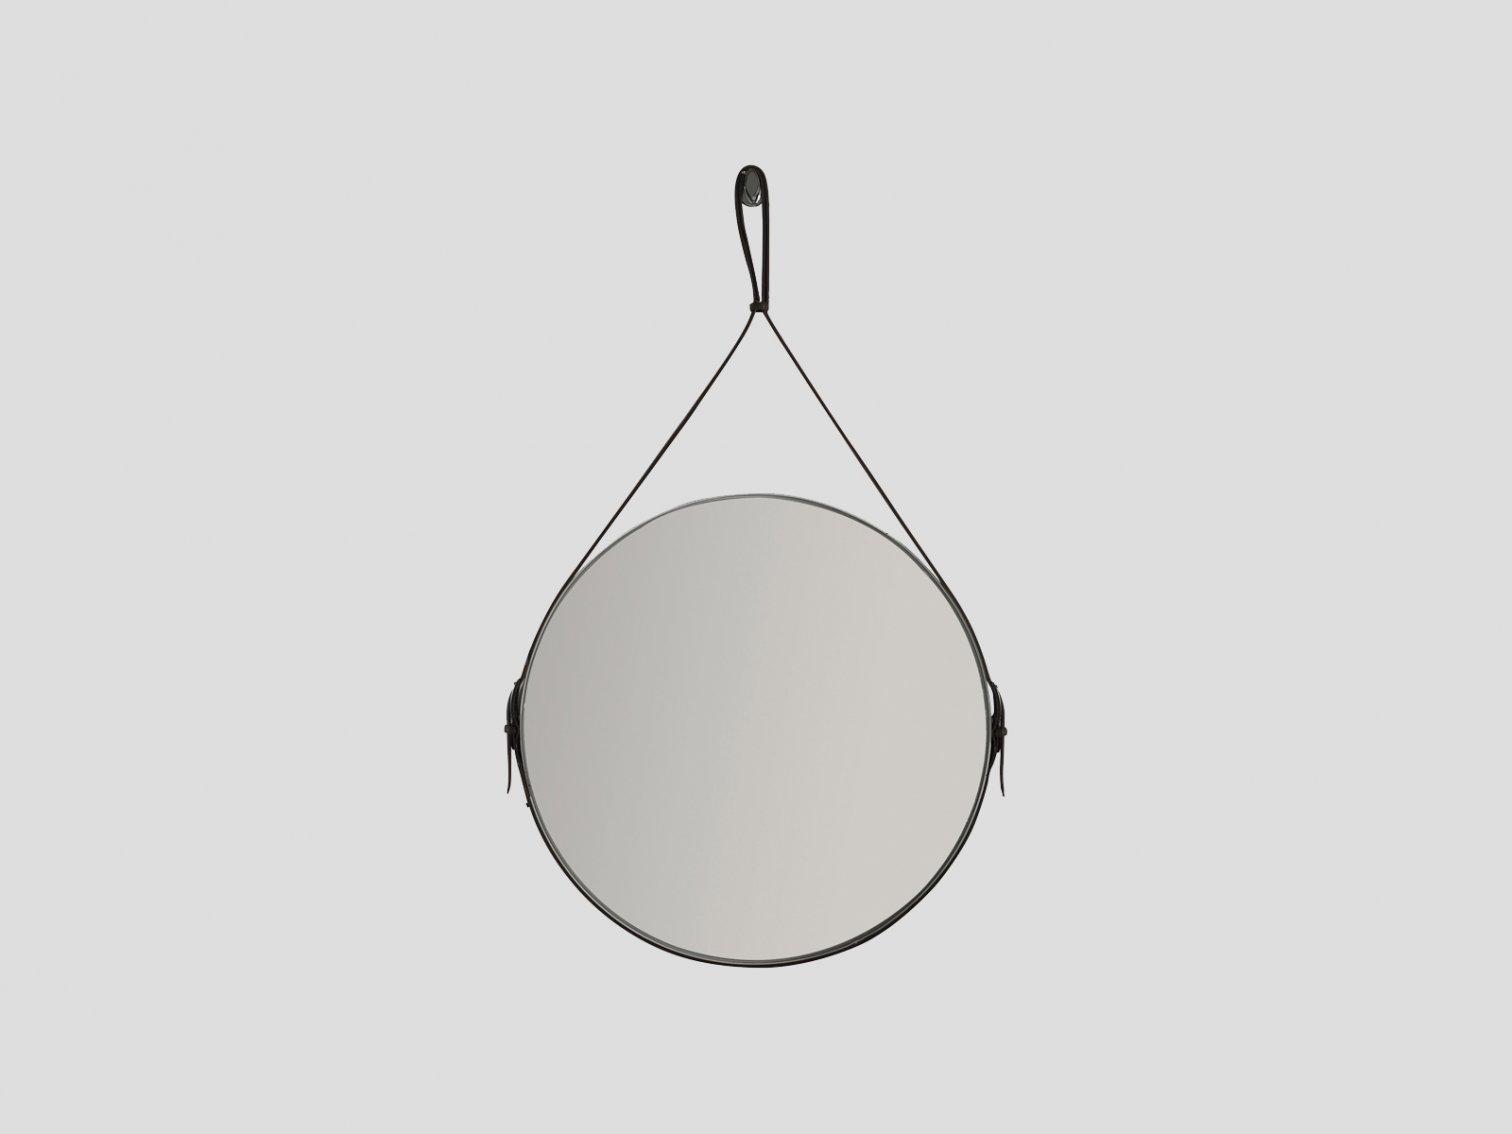 Galassia, Dream Specchio diametro 60 cm